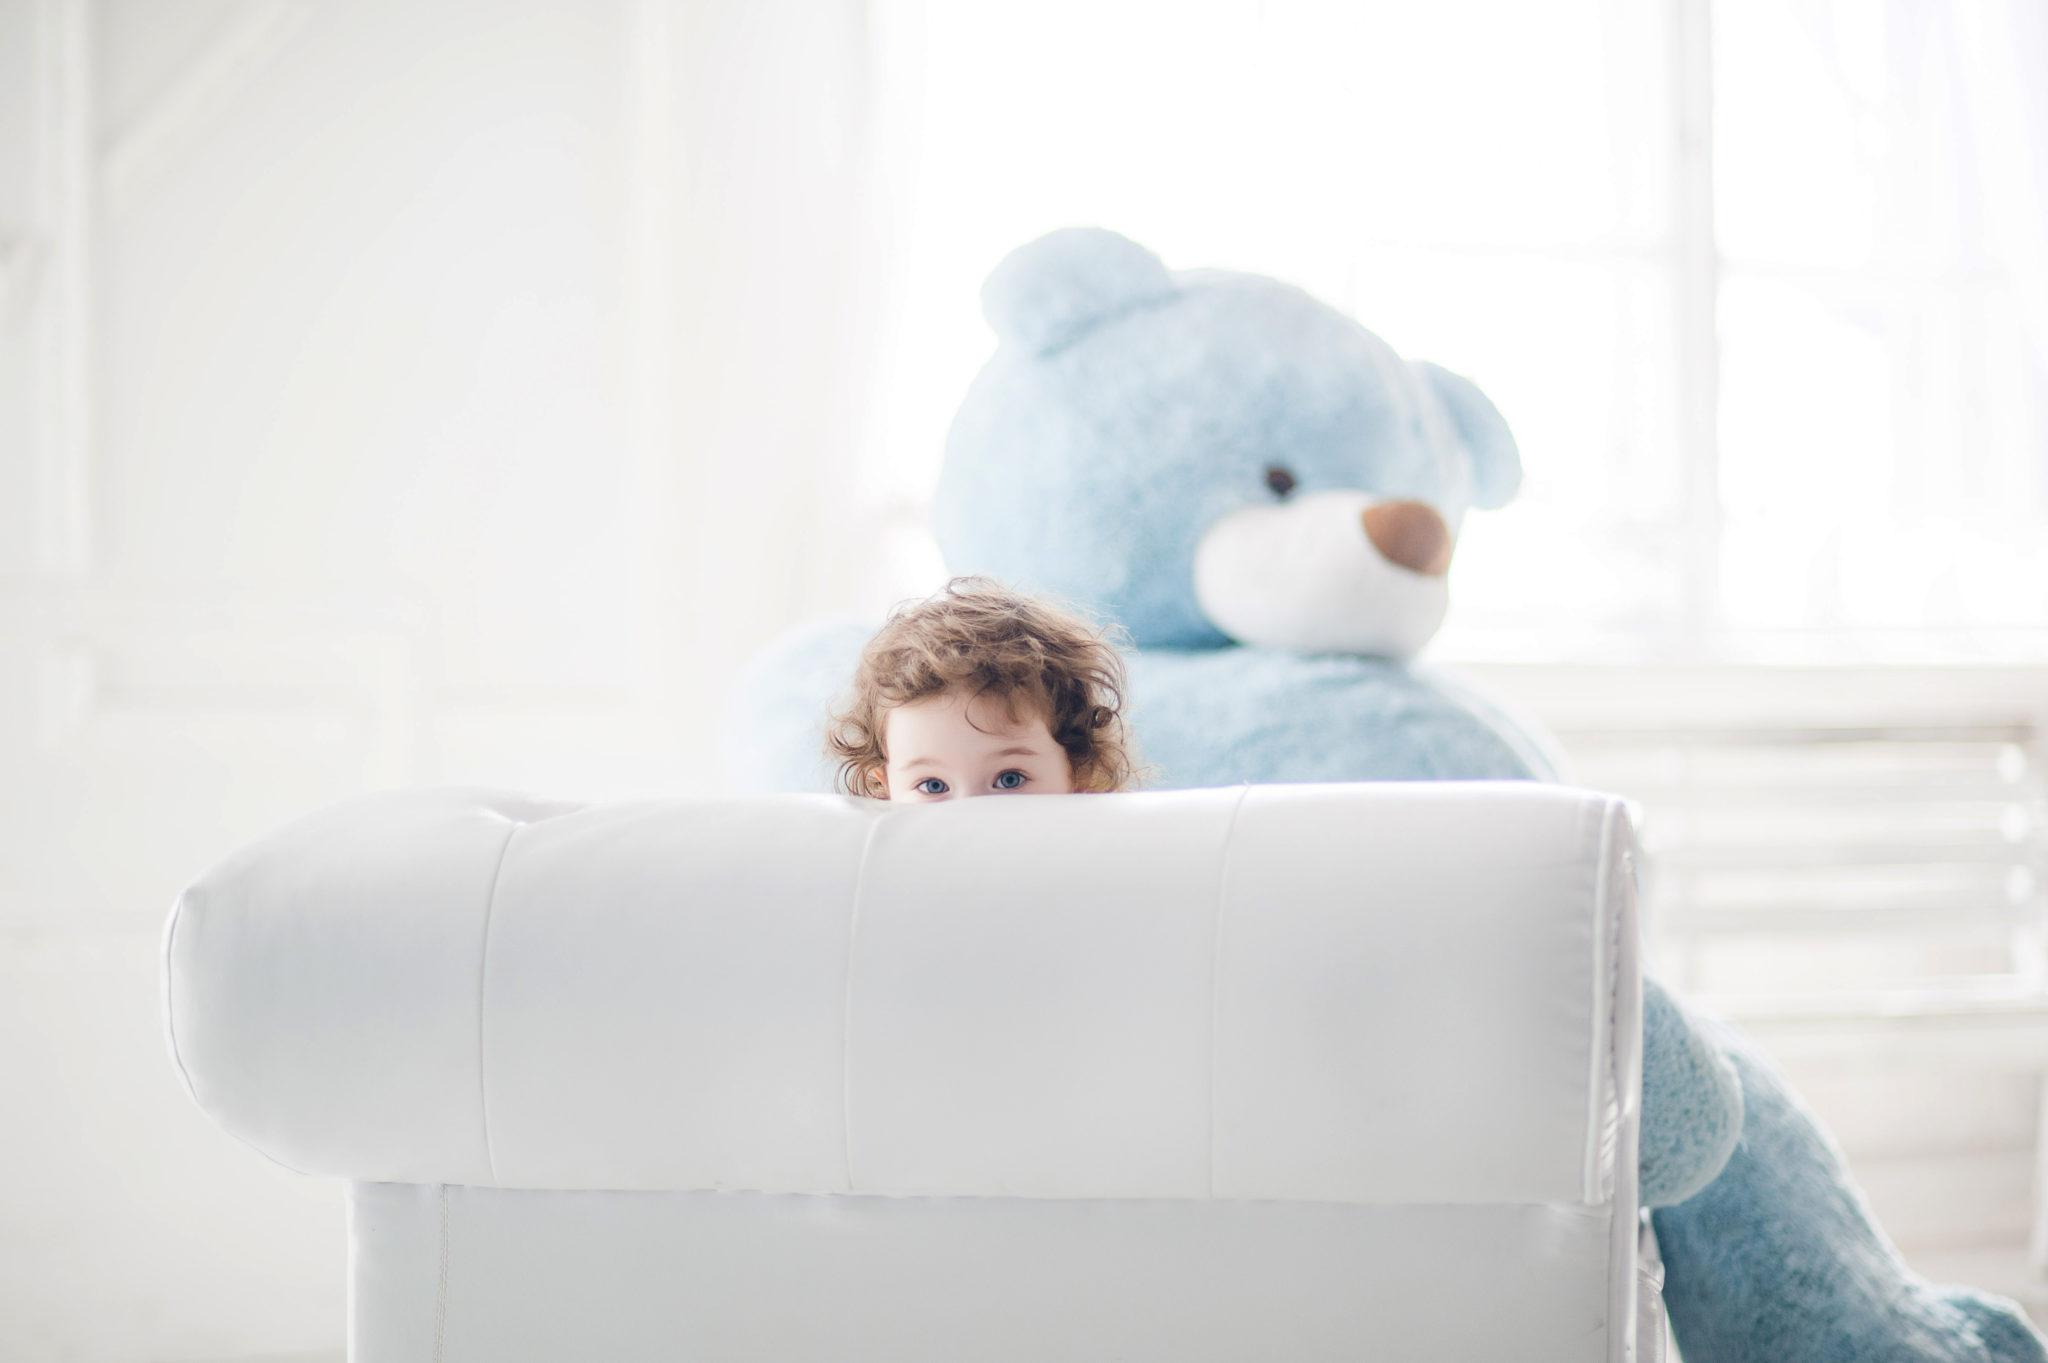 Детская фотосессия, ребенок на диване с большим синим мишкой